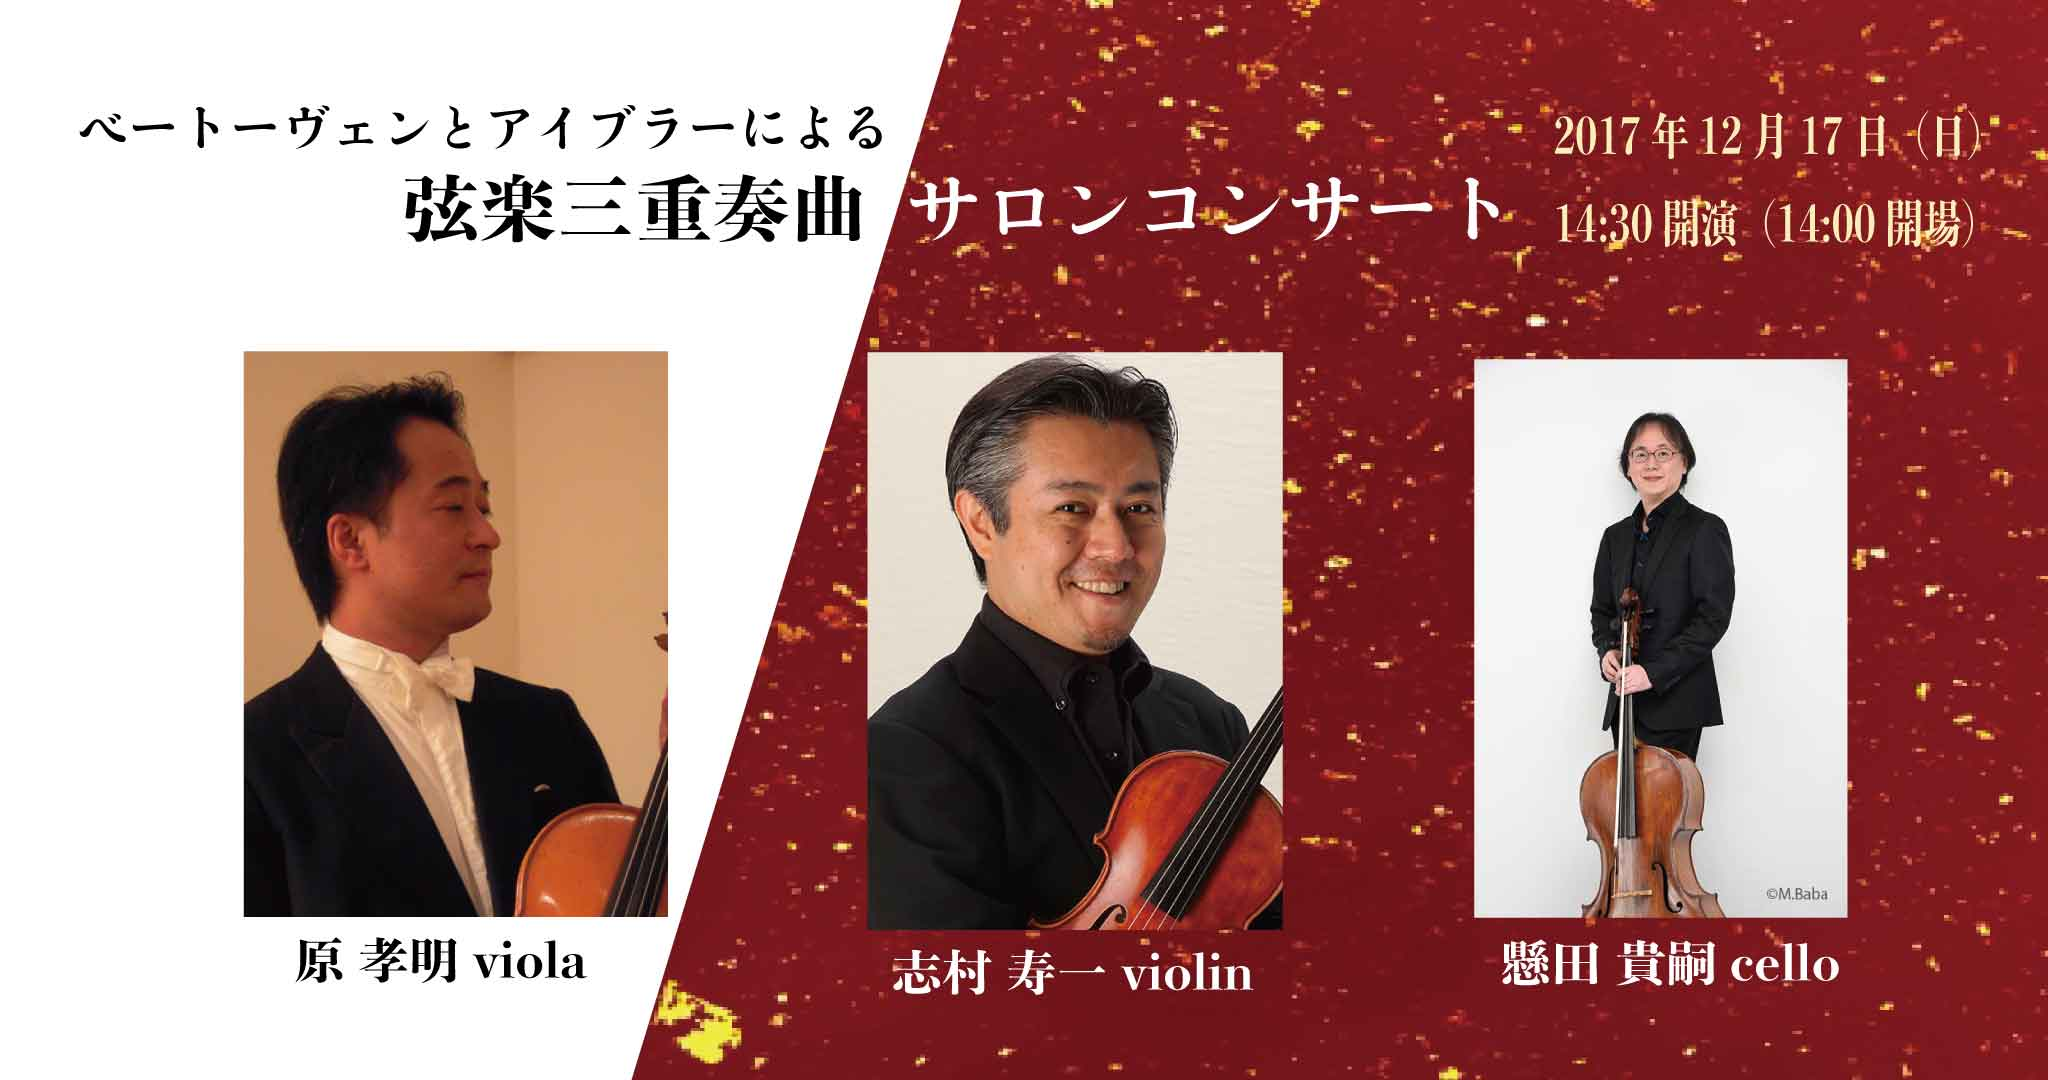 12月17日 14:30〜 弦楽三重奏曲サロンコンサート